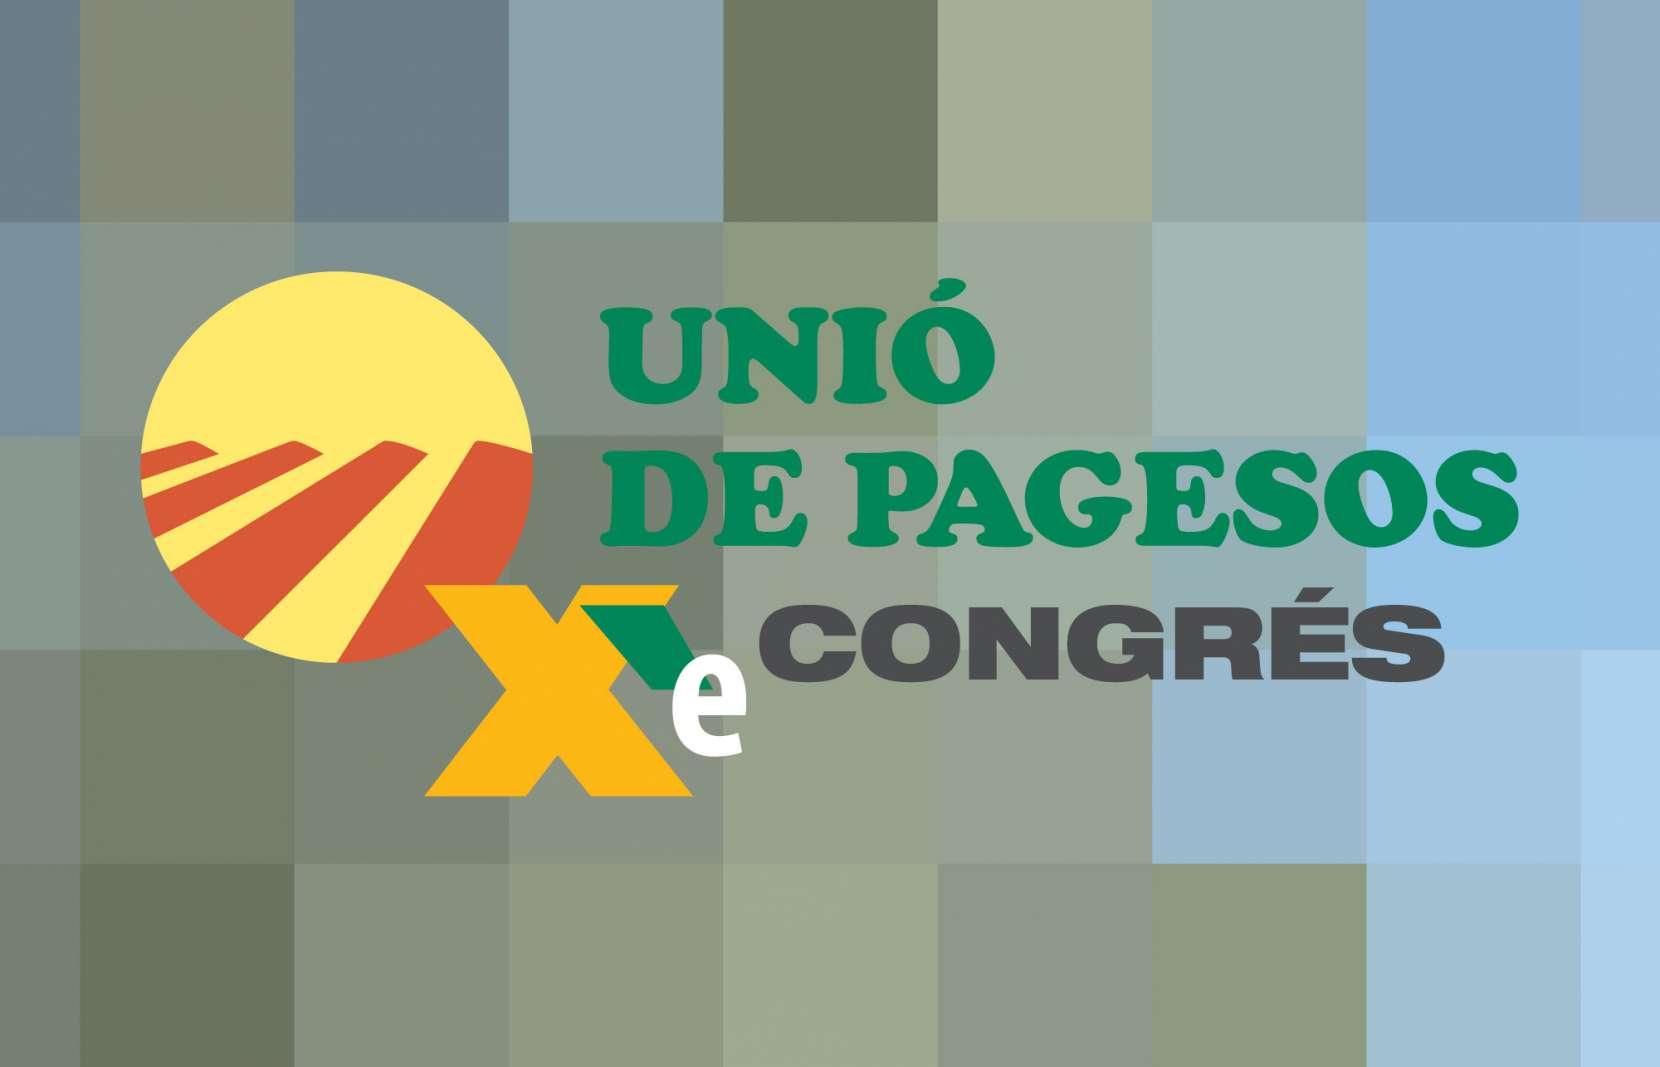 UDP-10E-CONGRES-4.jpg